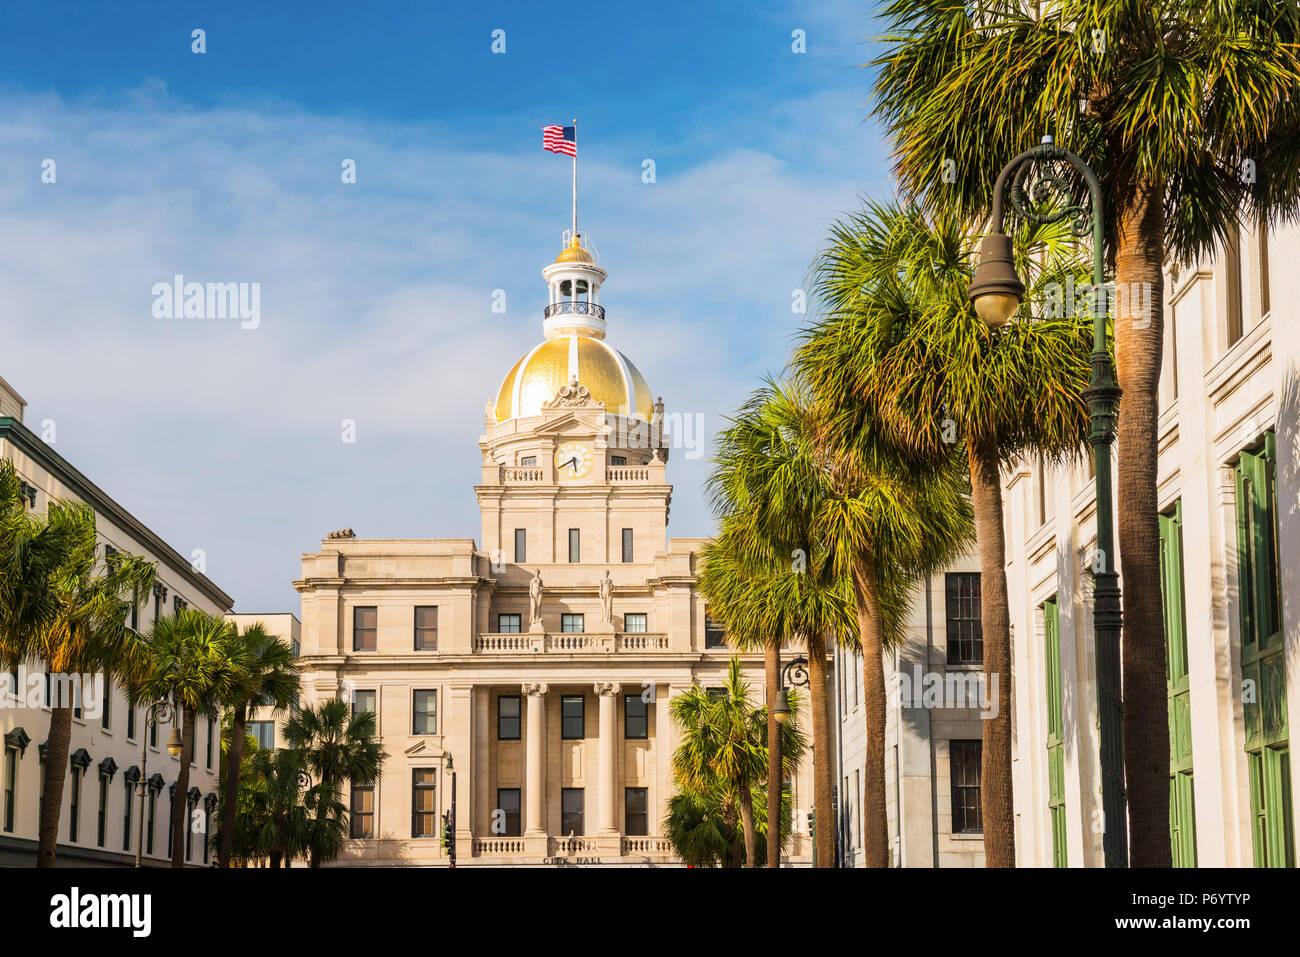 USA, Georgia, Savanah, Town Hall - Stock Image